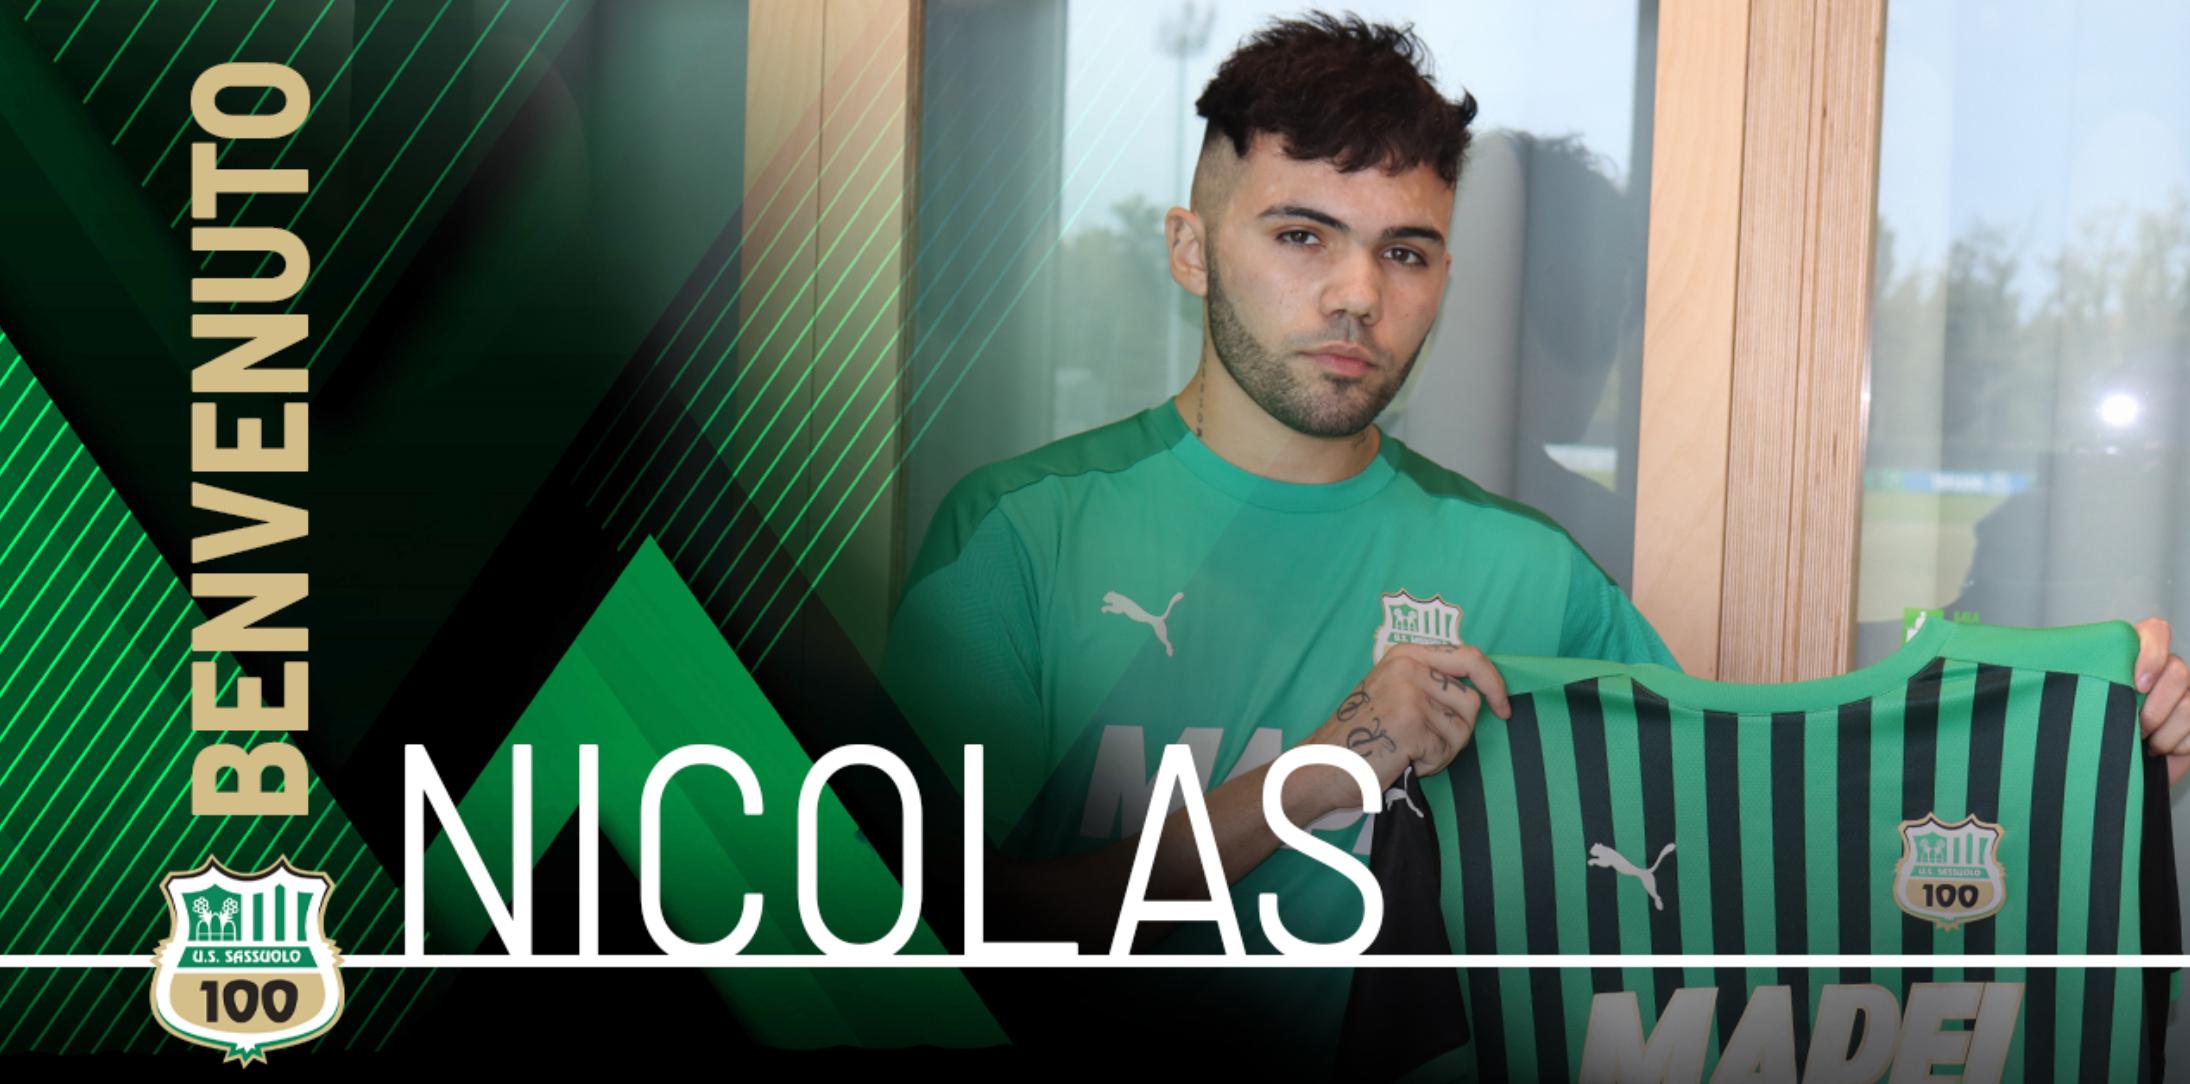 官方:萨索洛签下马竞前锋斯基亚帕卡塞,转会费130万欧